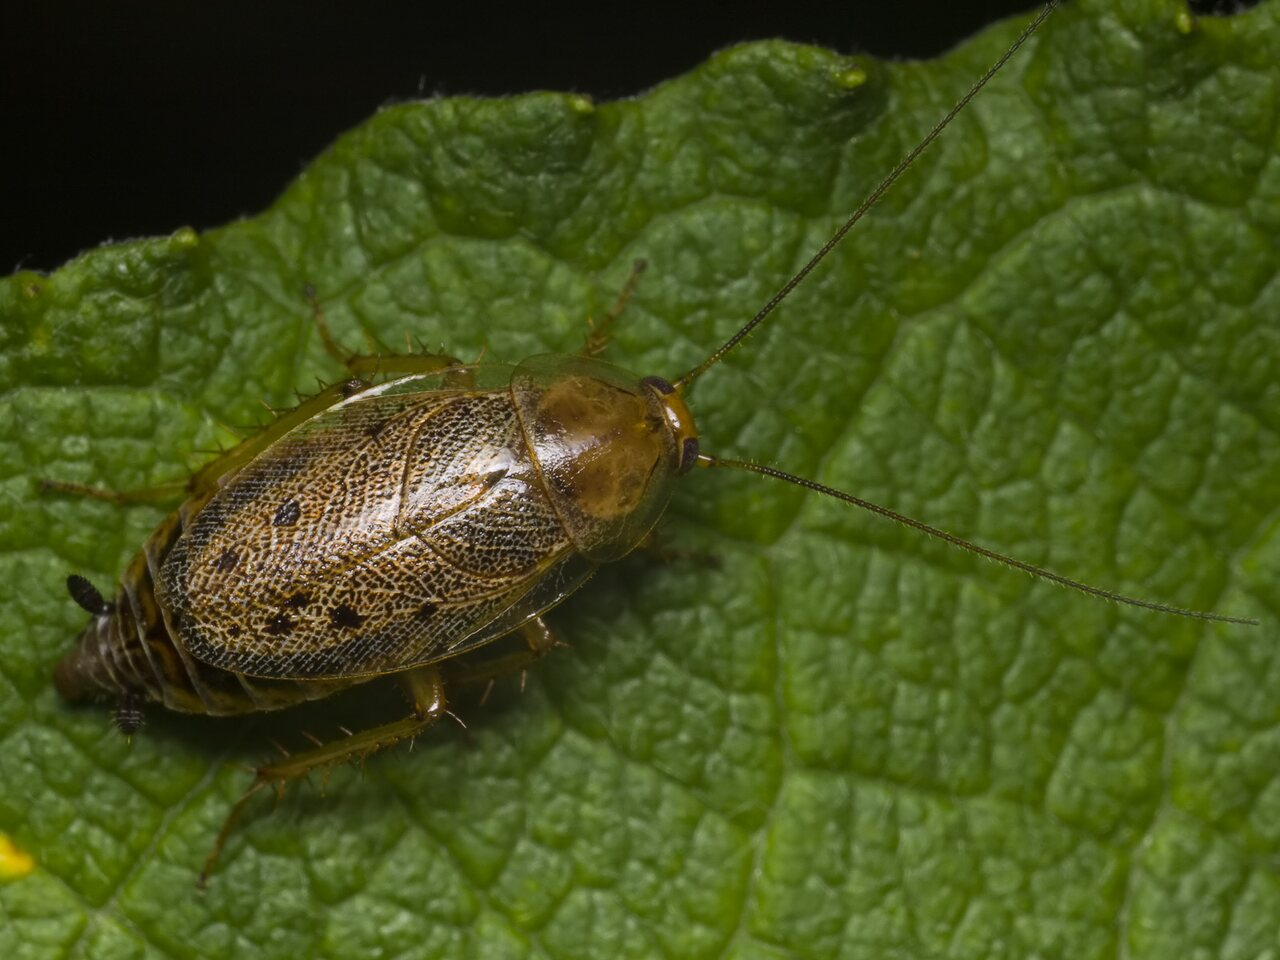 Ectobius-lapponicus-1346.jpg